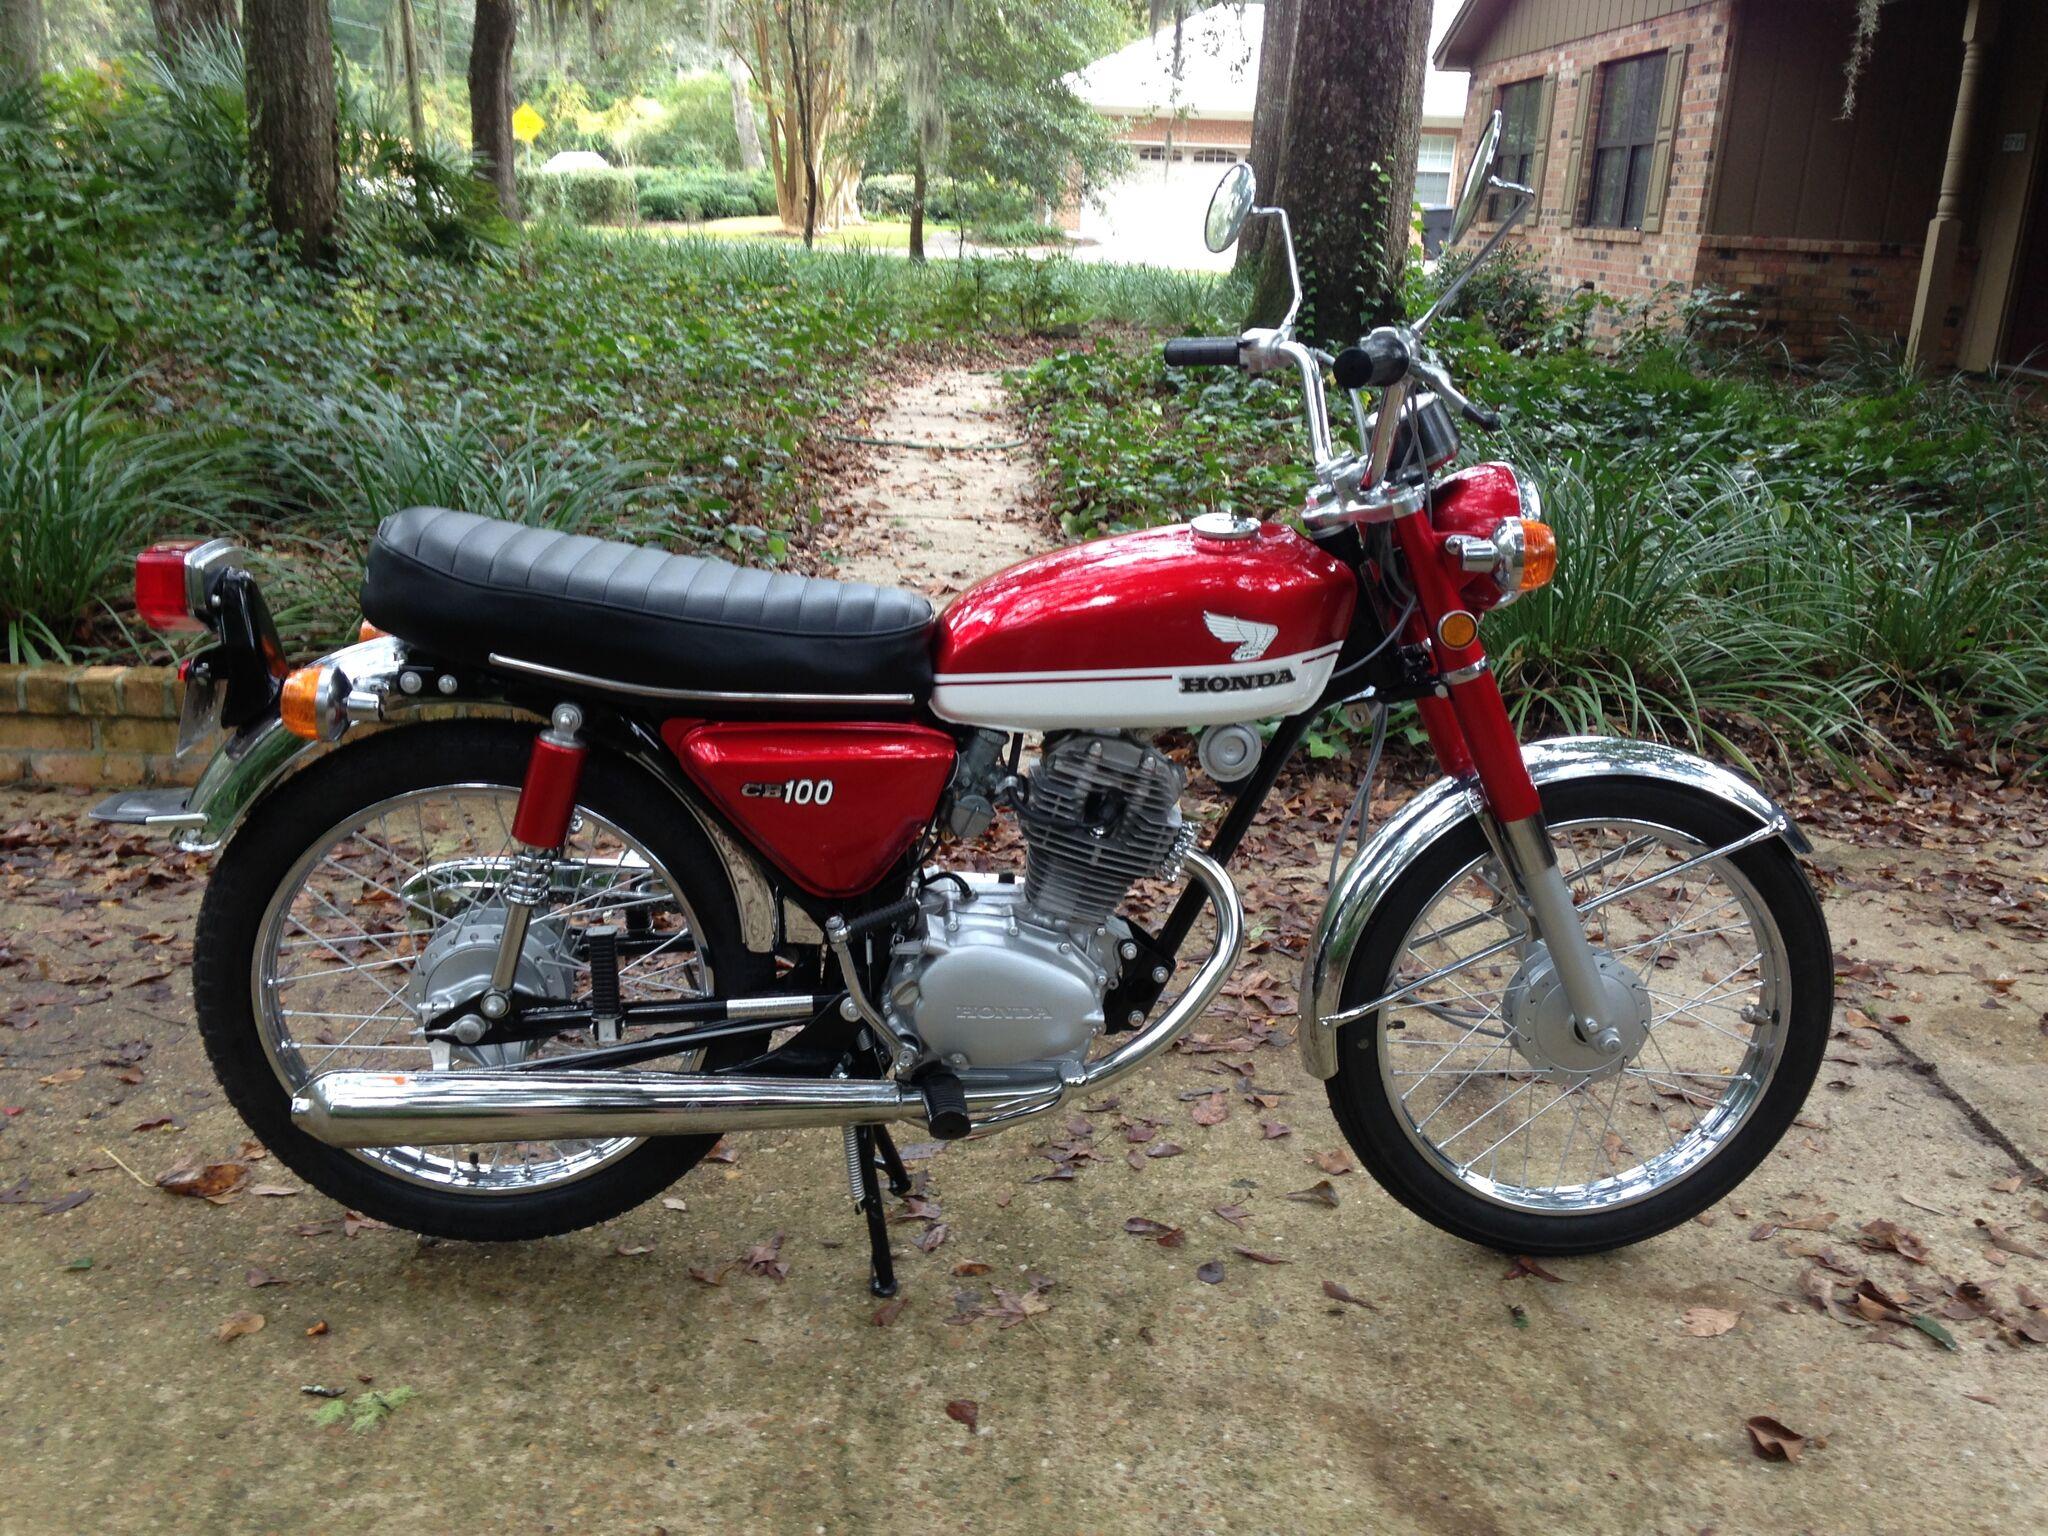 cb100 jpg - Motor jadul asing yang sempat booming di indonesia